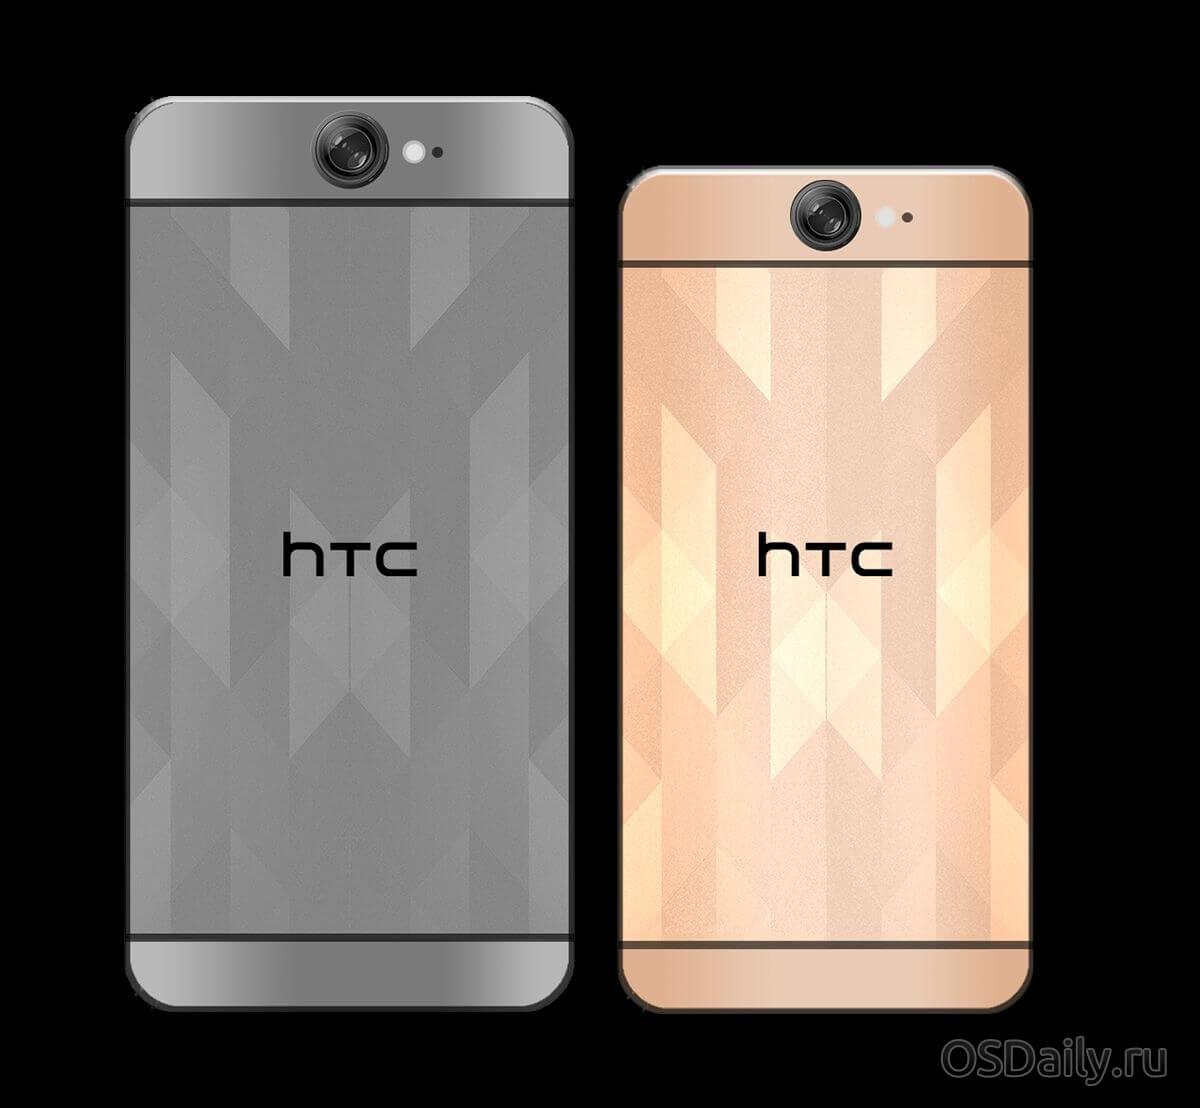 HTC 11 по слухам получит шикарный дисплей и 8 ГБ оперативной памяти